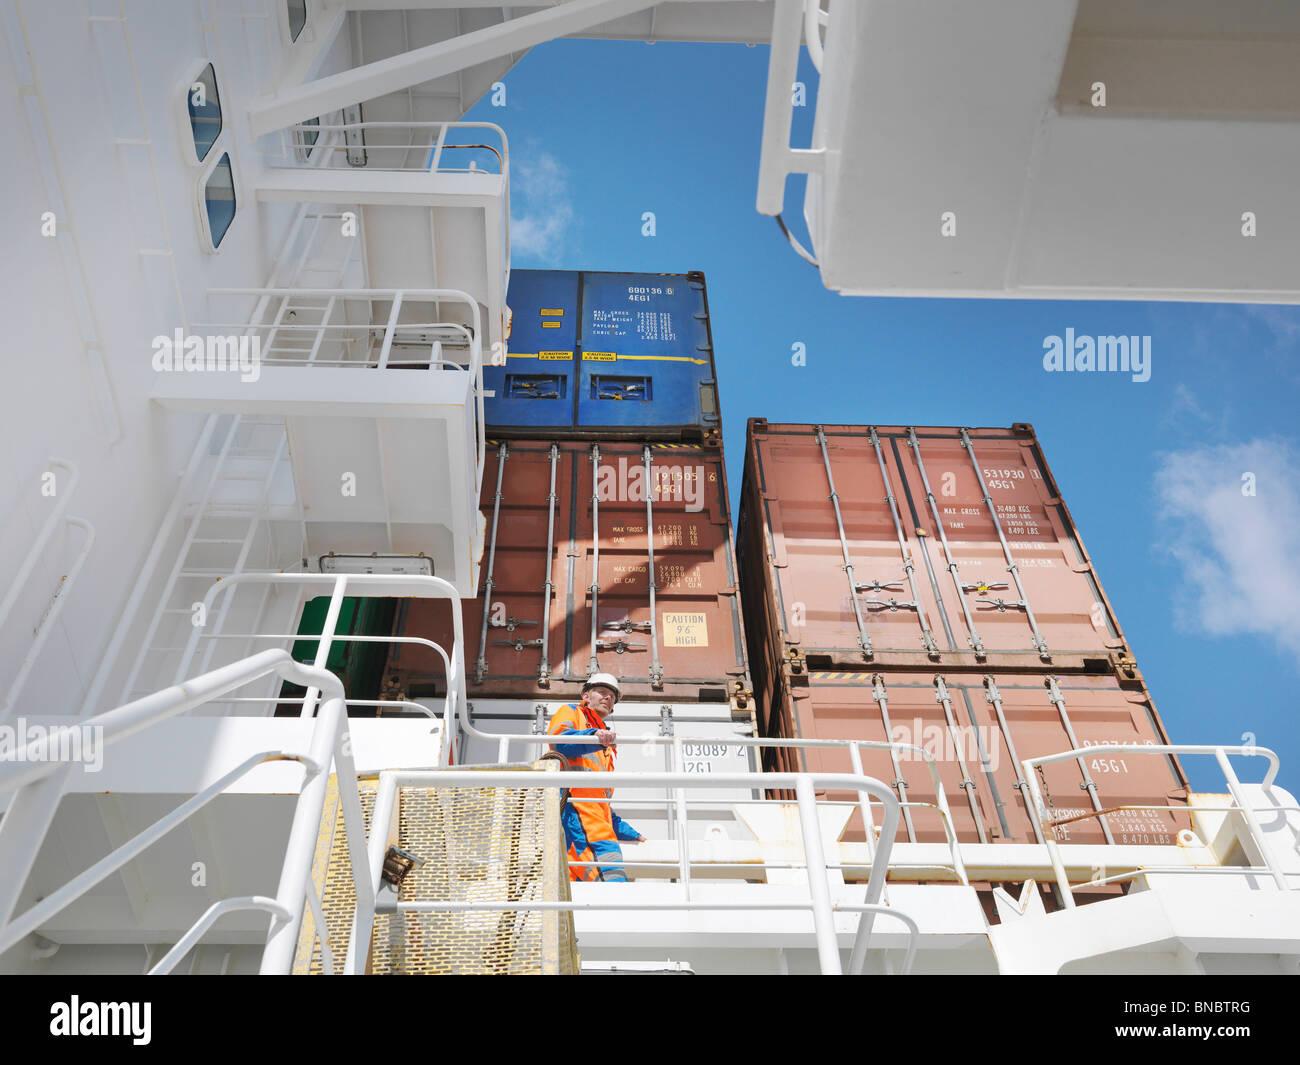 Sailor risveglio nell'area di carico Immagini Stock